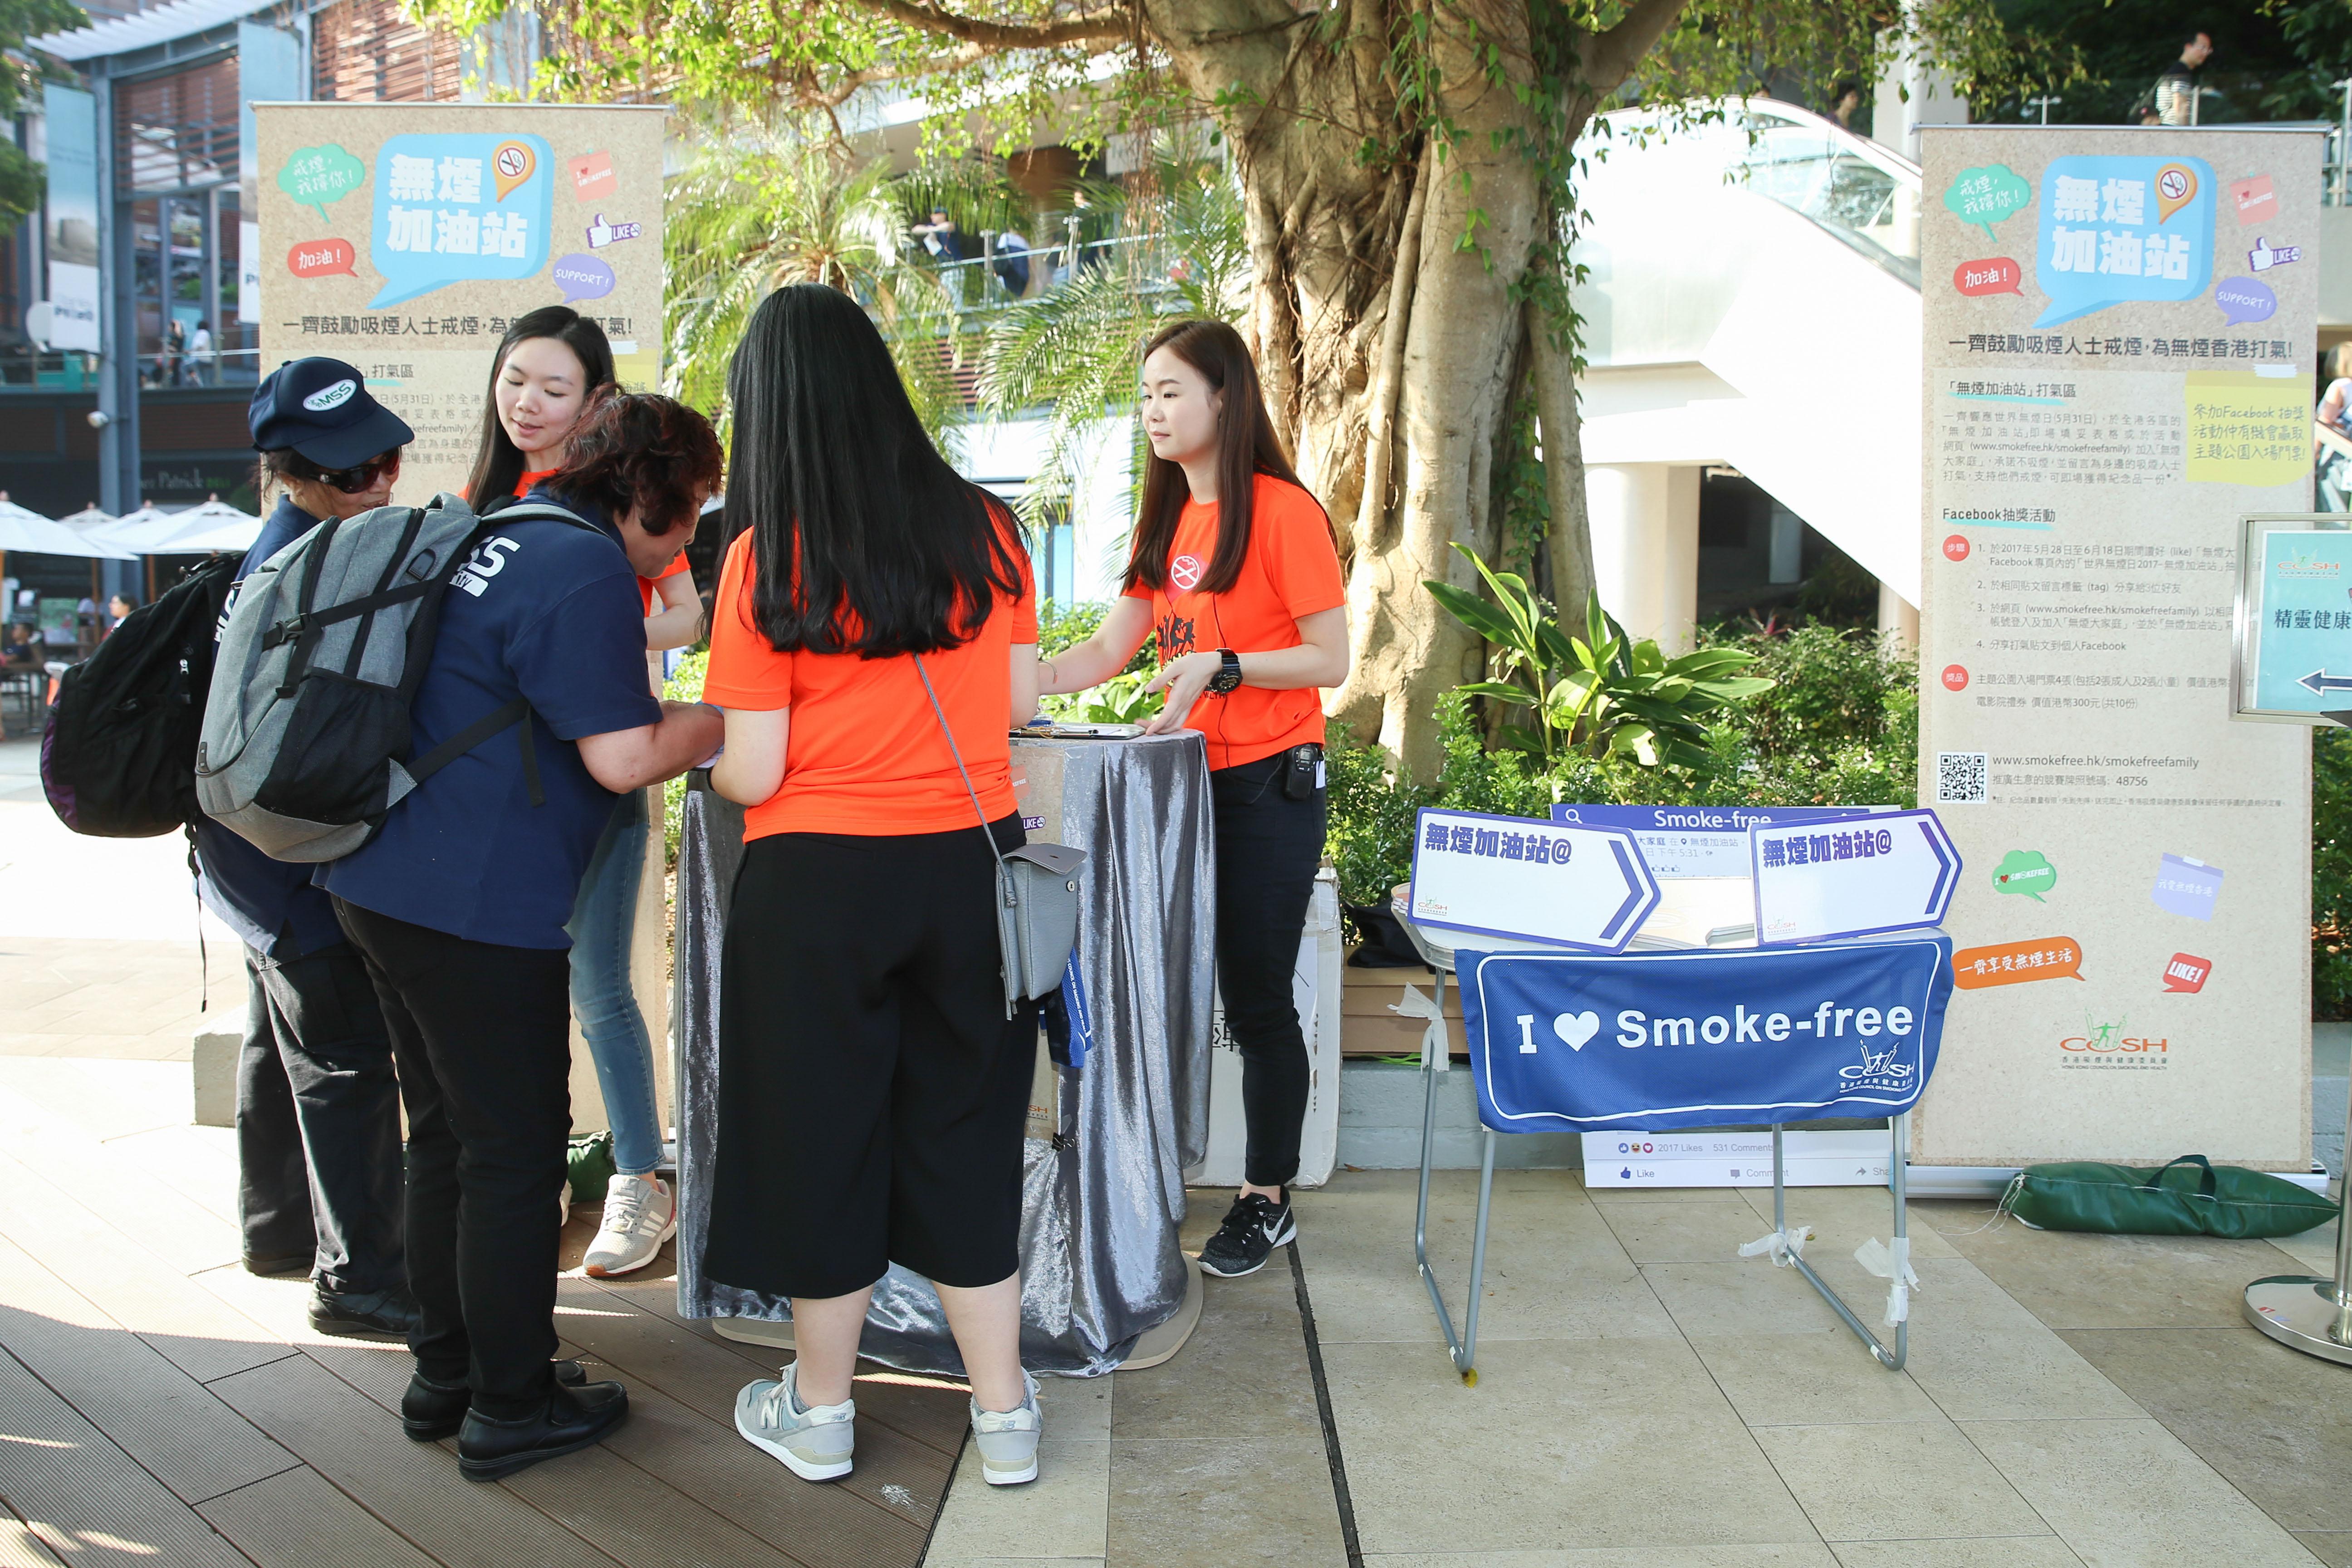 委員會透過「無煙加油站」活動推動市民加入「無煙大家庭」及為戒煙者打氣。